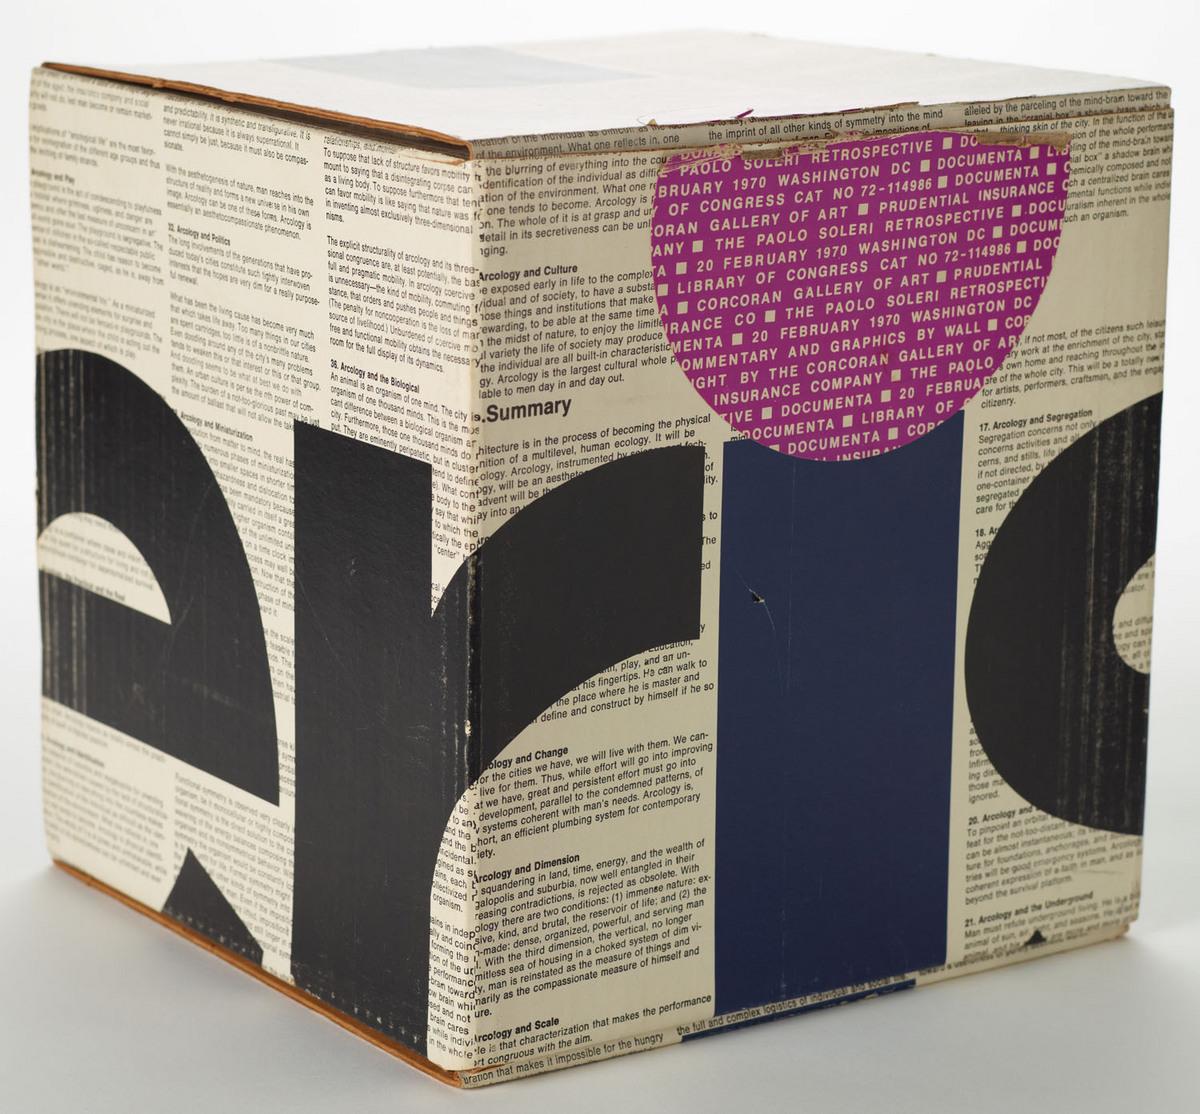 Documenta; the Paolo Soleri retrospective. View of case closed